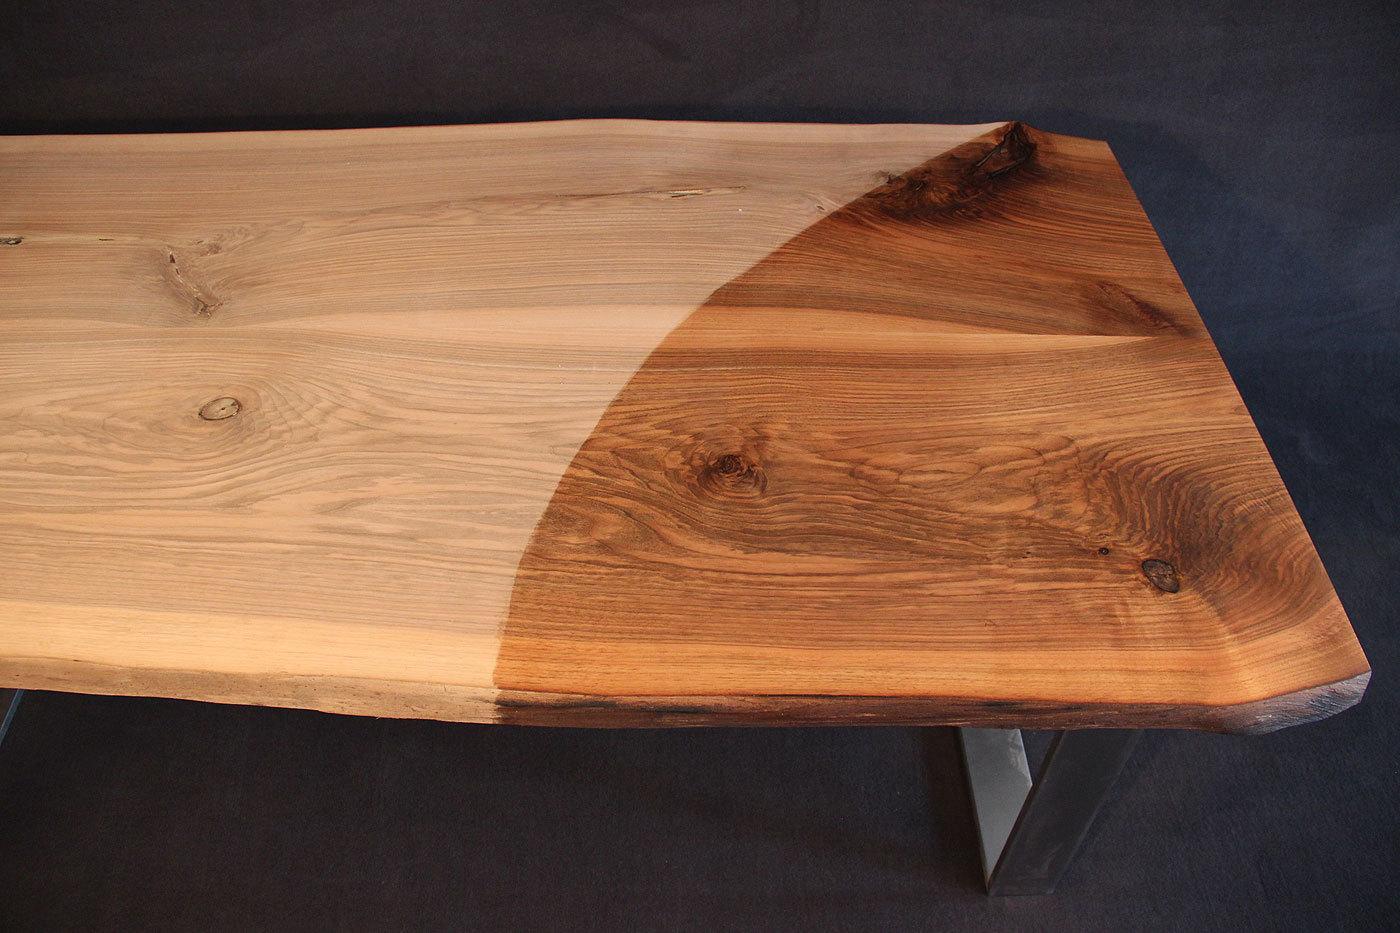 Tischplatte massivholz nussbaum  mit Baumkante Massivholz Kaukasischer Nussbaum Rustikal mit Splint ...